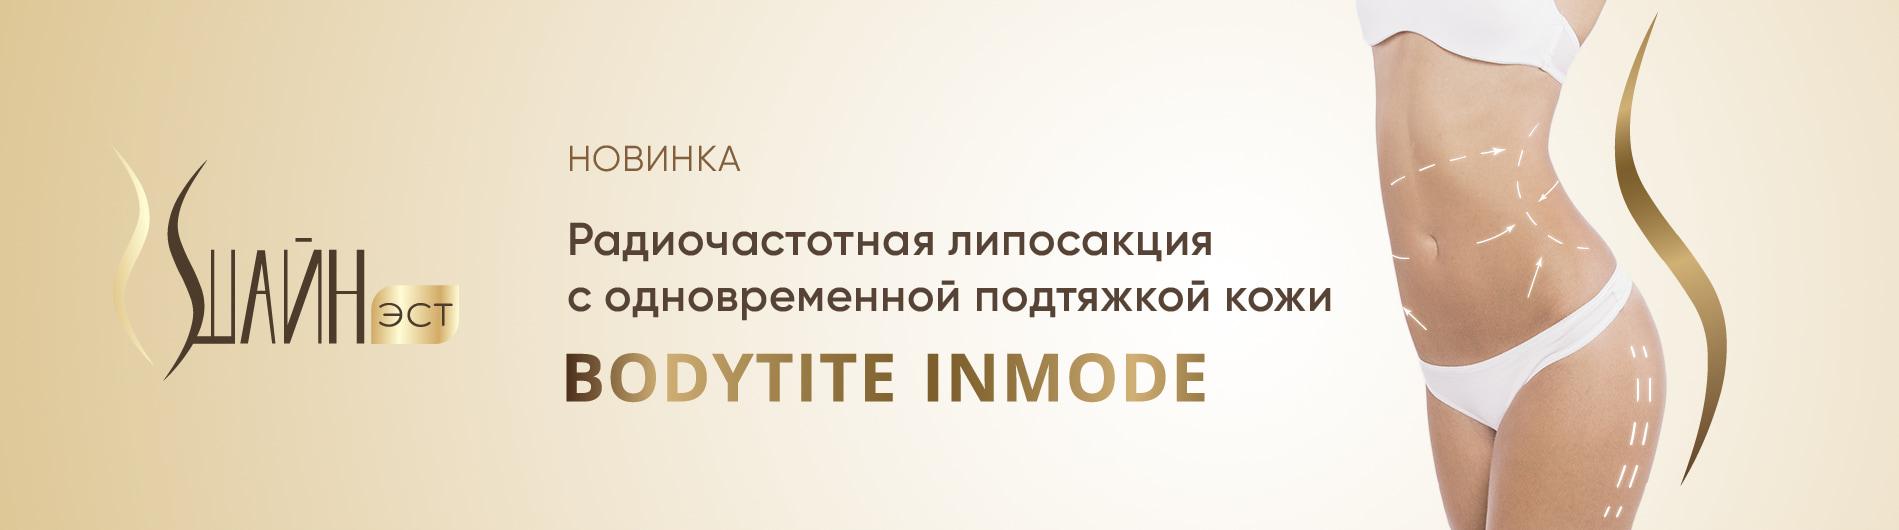 Радиочастотная липосакция на аппарате BODYTITE INMODE